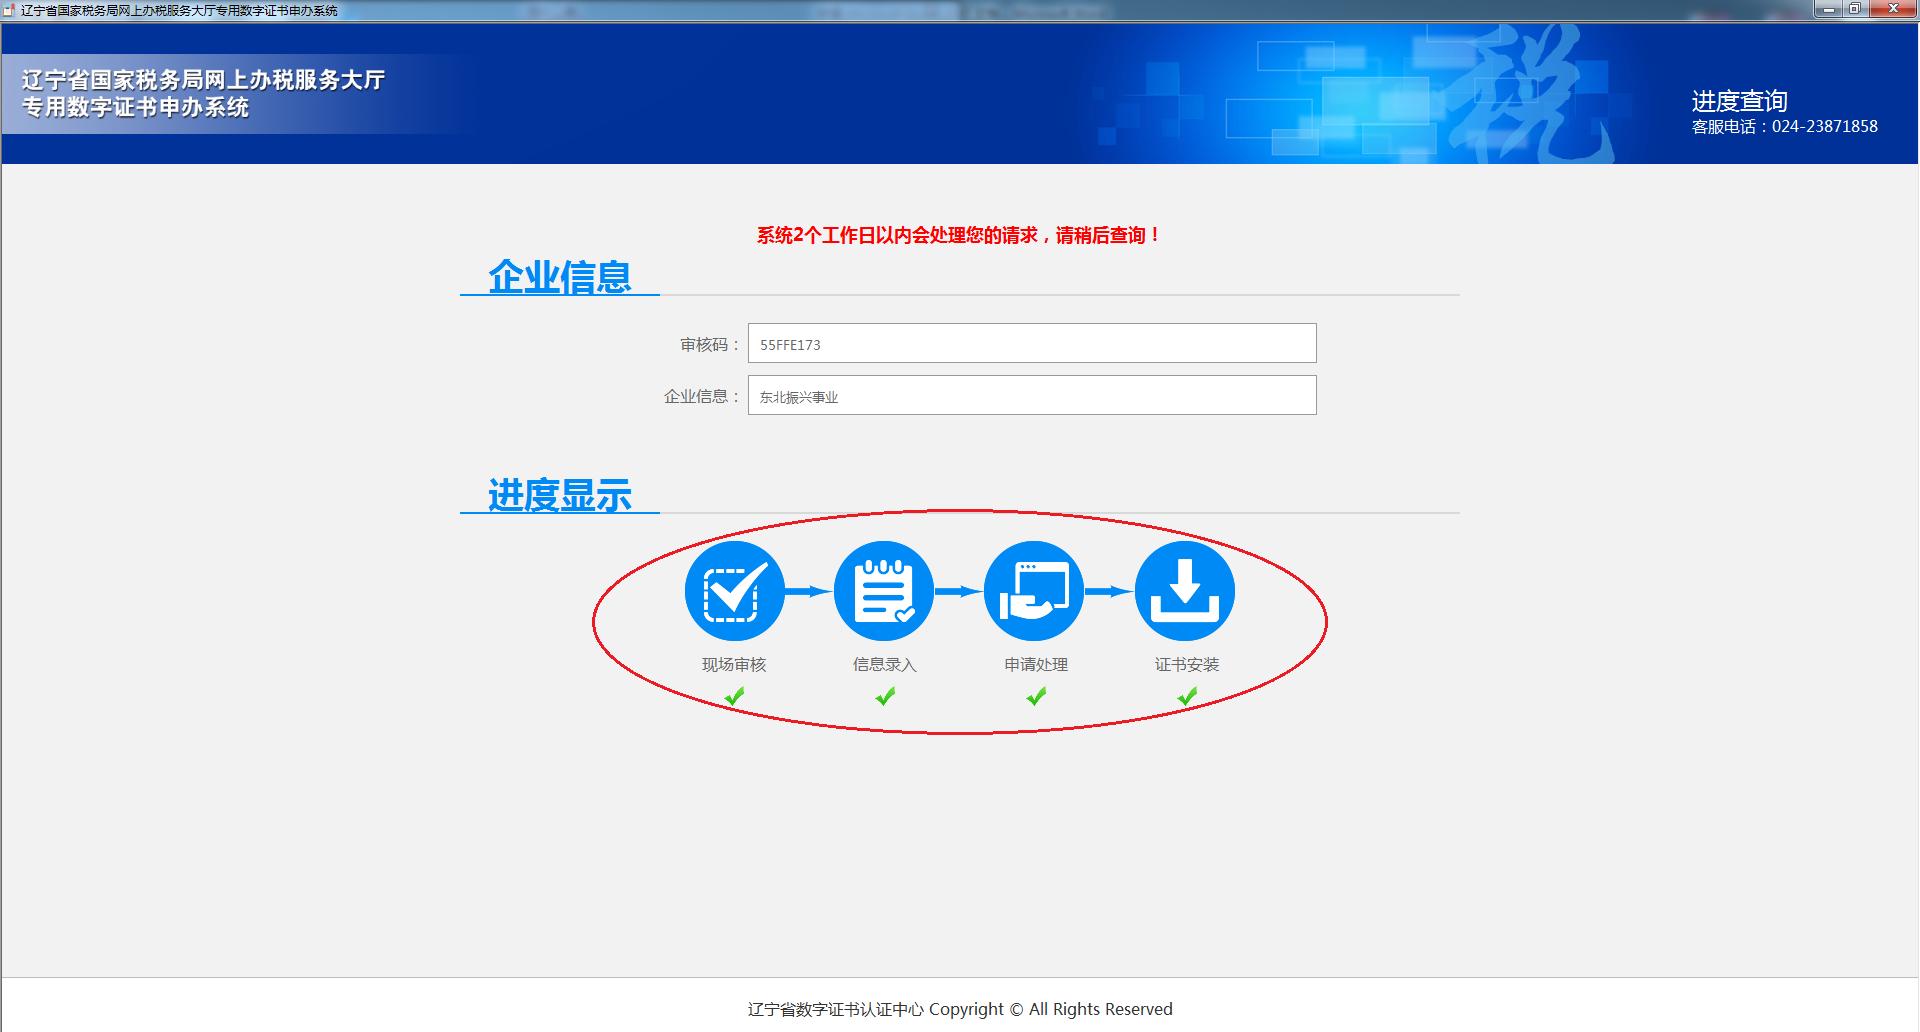 关于辽宁省国家税务局网上办税服务大厅专用数字证书申办系统的使用